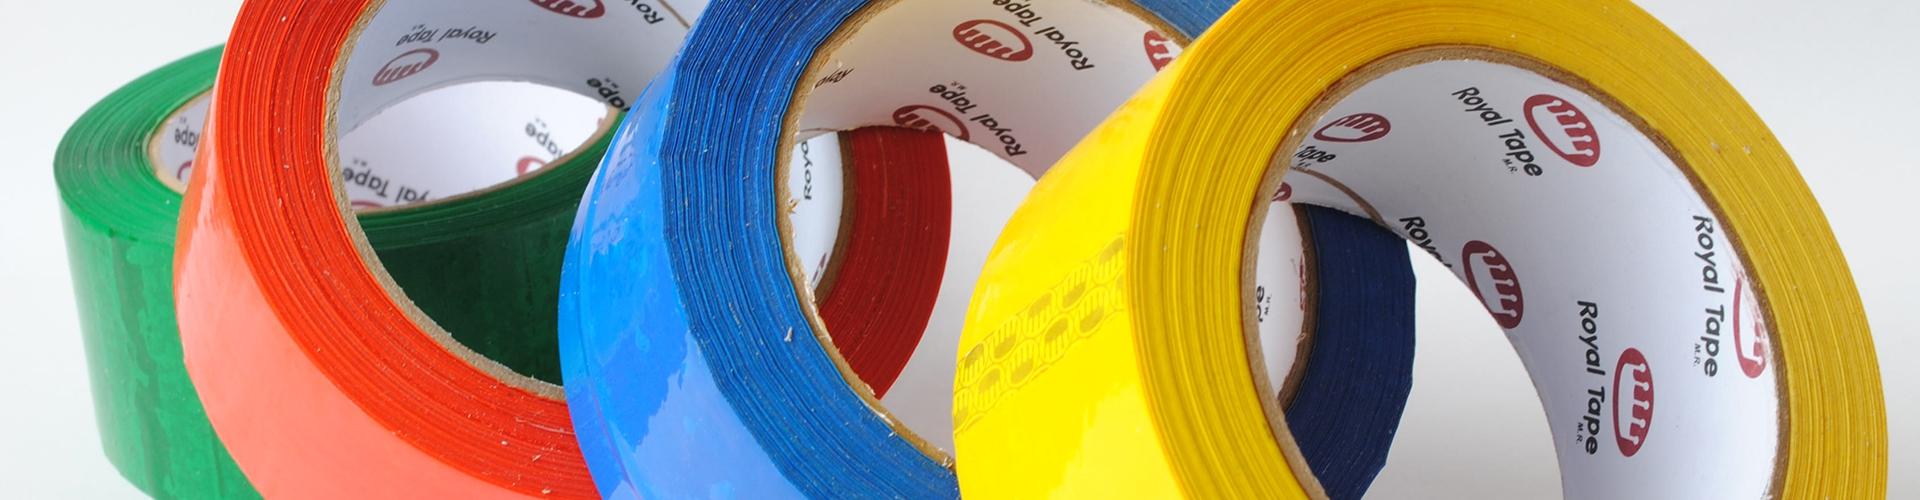 Cinta Adhesiva de Colores Cintas Adhesivas de Colores